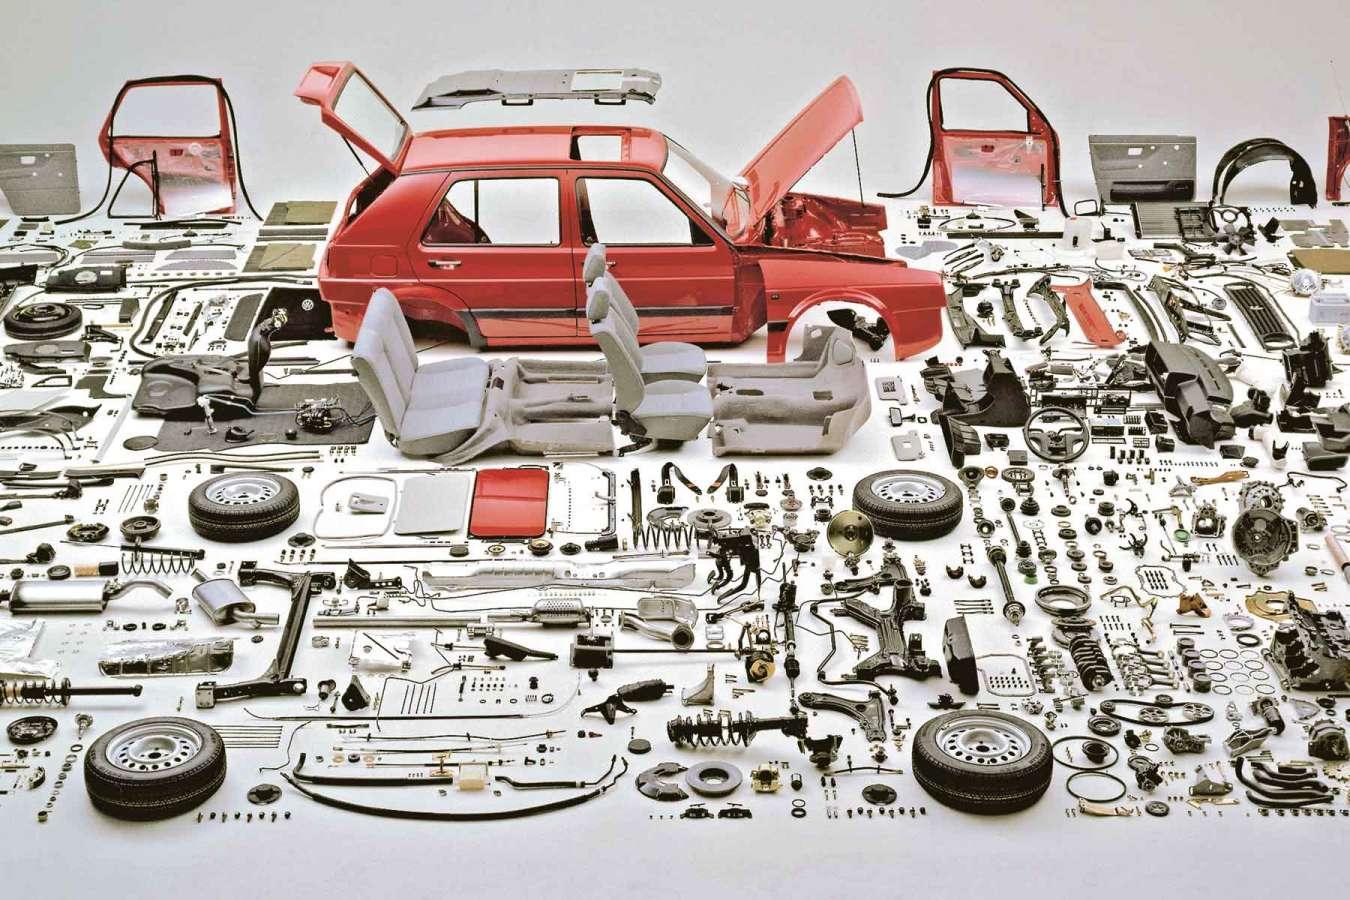 Vente de pièces VW – 26 septembre 2020